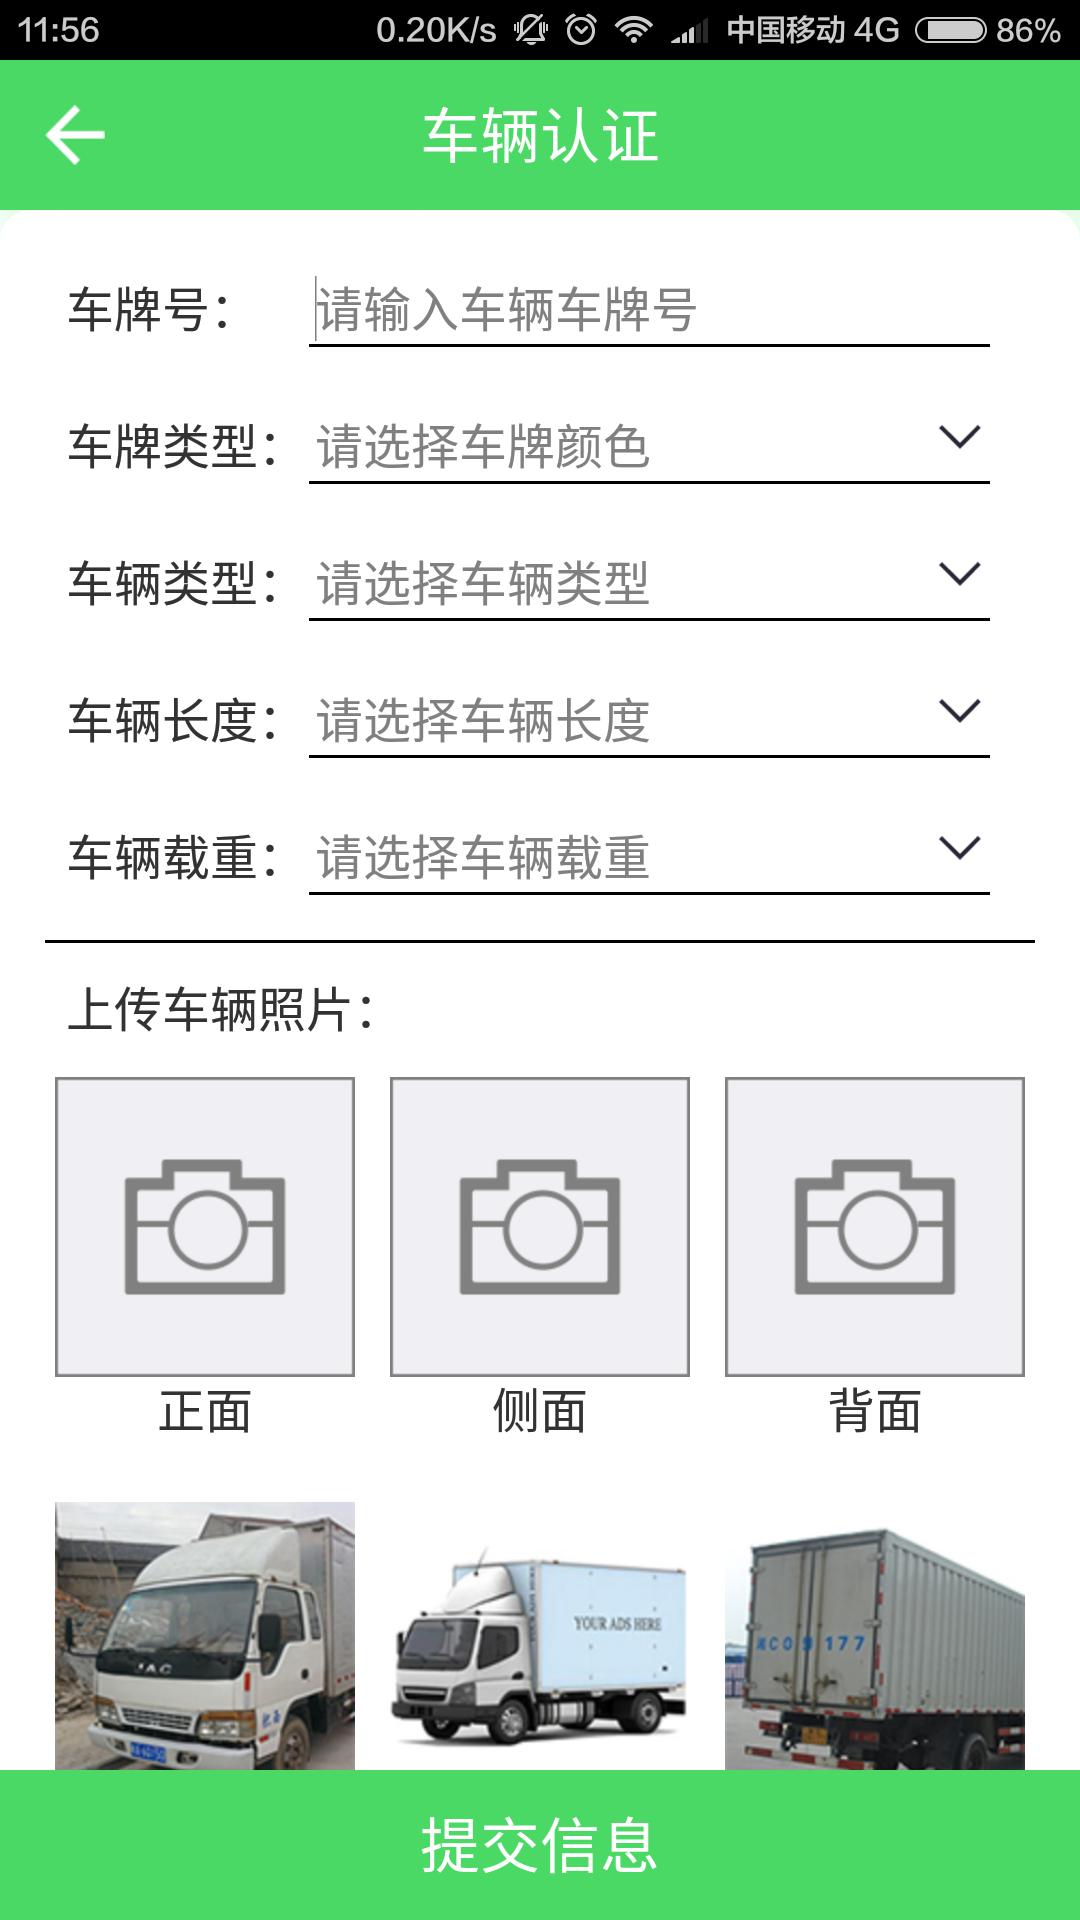 橙运司机版 v2.0.2 安卓版界面图1